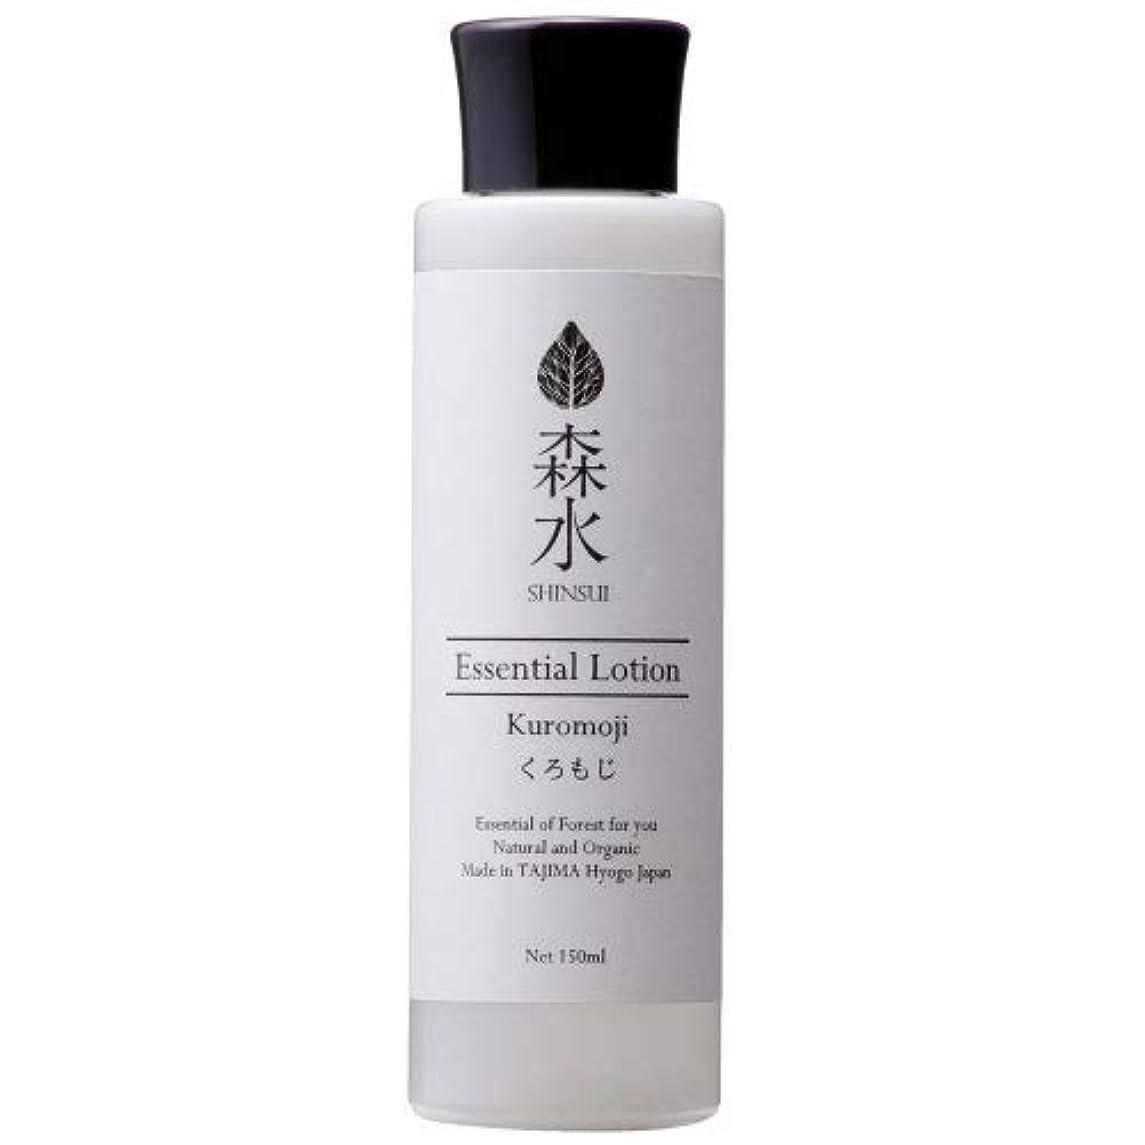 ドロー要件お父さん森水-SHINSUI シンスイ-くろもじ化粧水(Kuromoji Essential Lotion)150ml